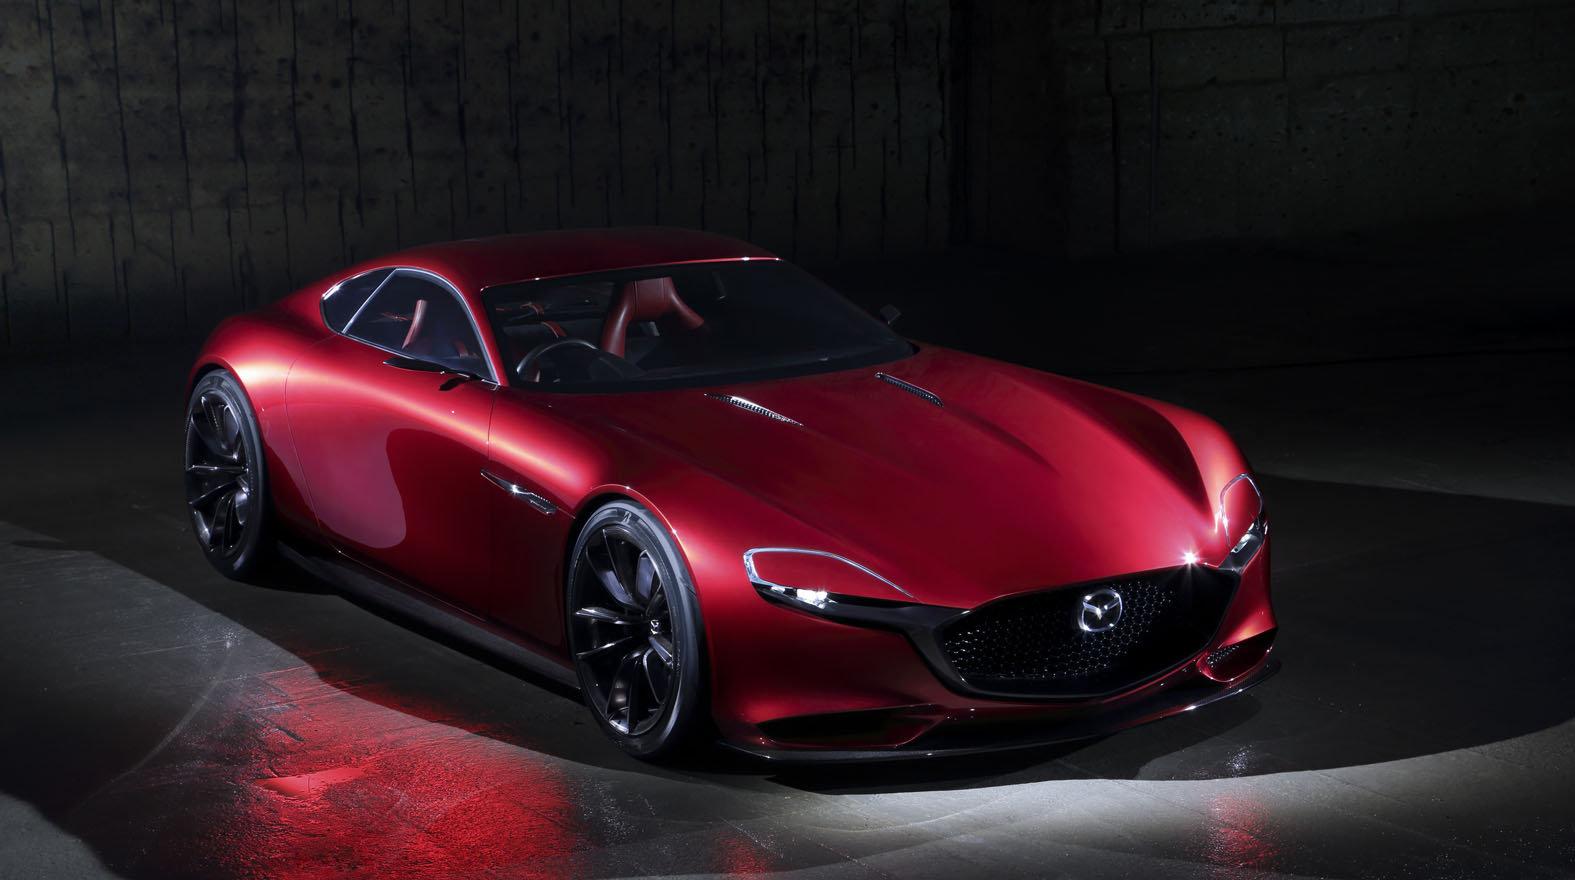 Mazda uchvátila Tokio konceptem dvoumístného kupé s Wankelovým motorem, Mazda RX-Vision.